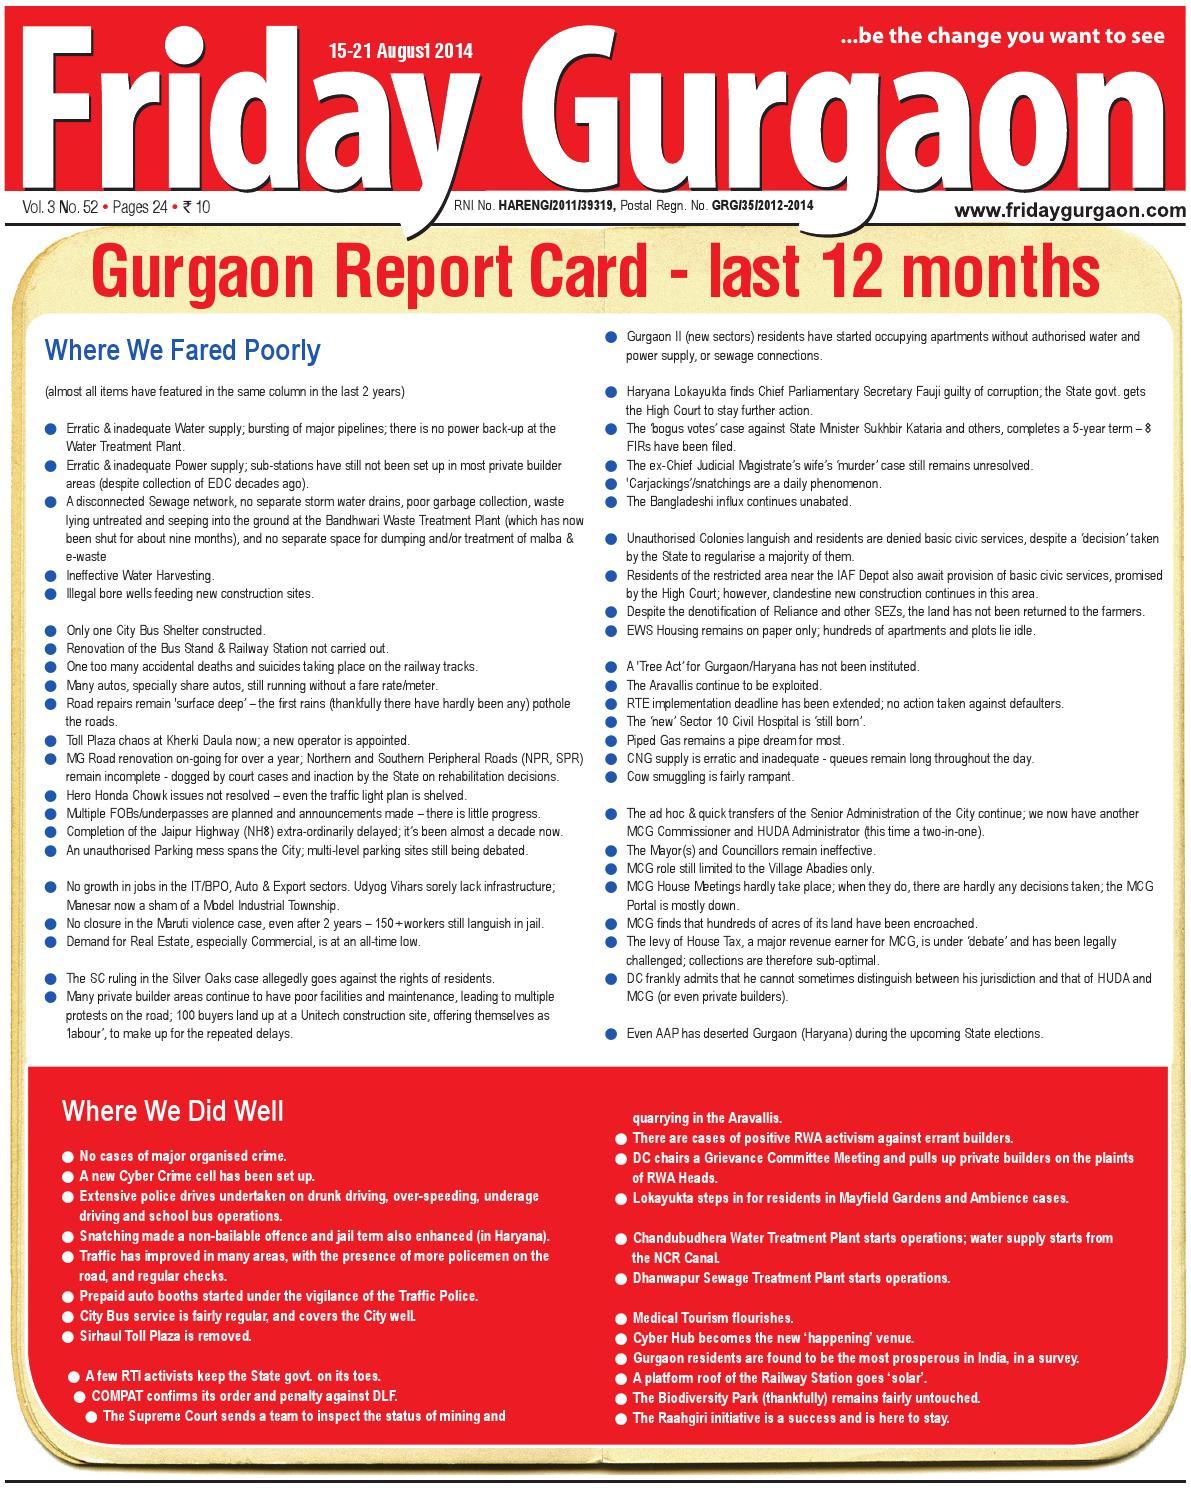 Friday gurgaon 15 21 aug, 2014 by Friday Gurgaon - issuu